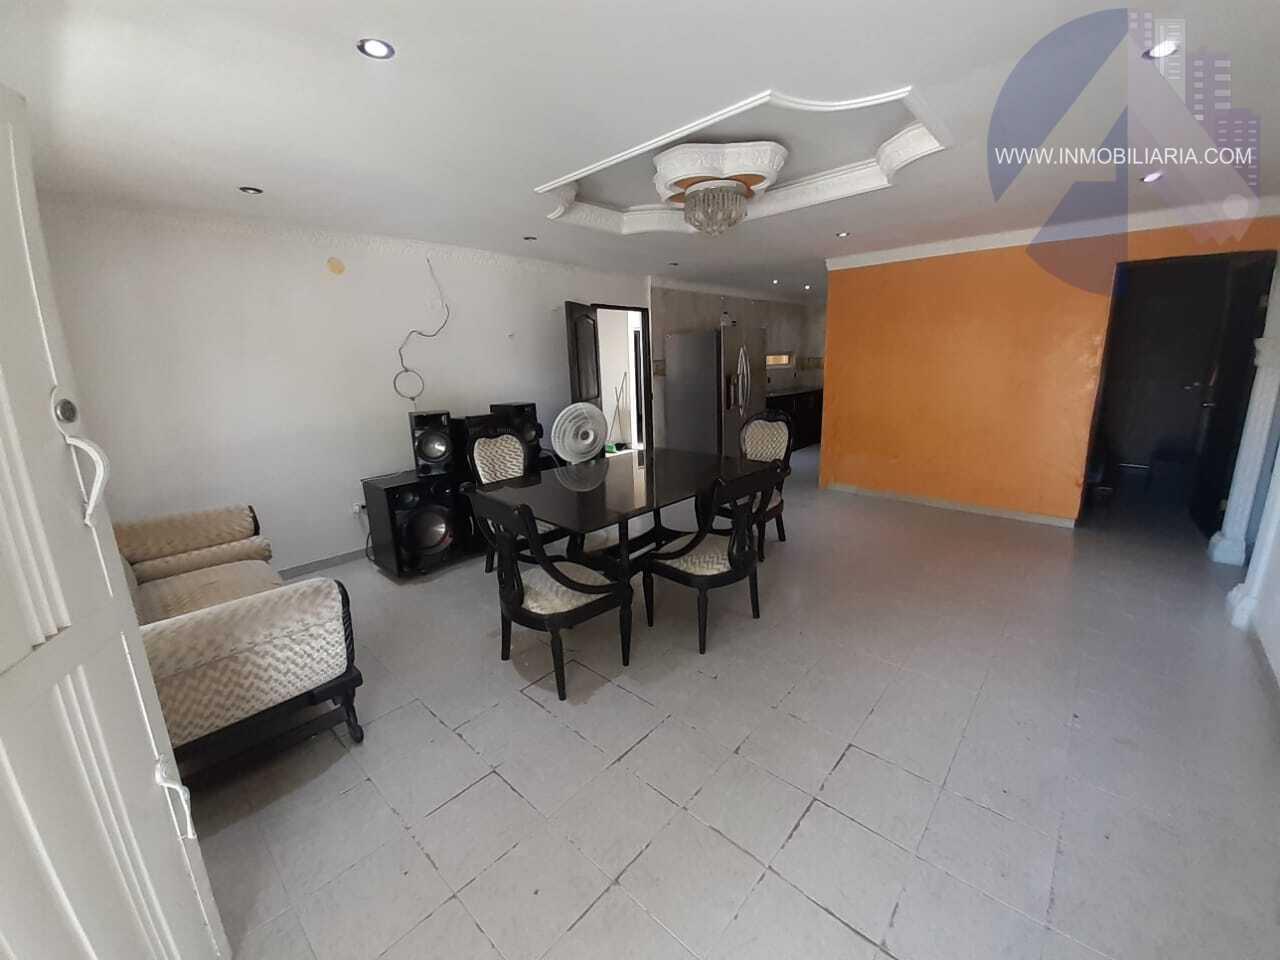 Oportunidad imperdible, hermosa casa en venta en Amberes.